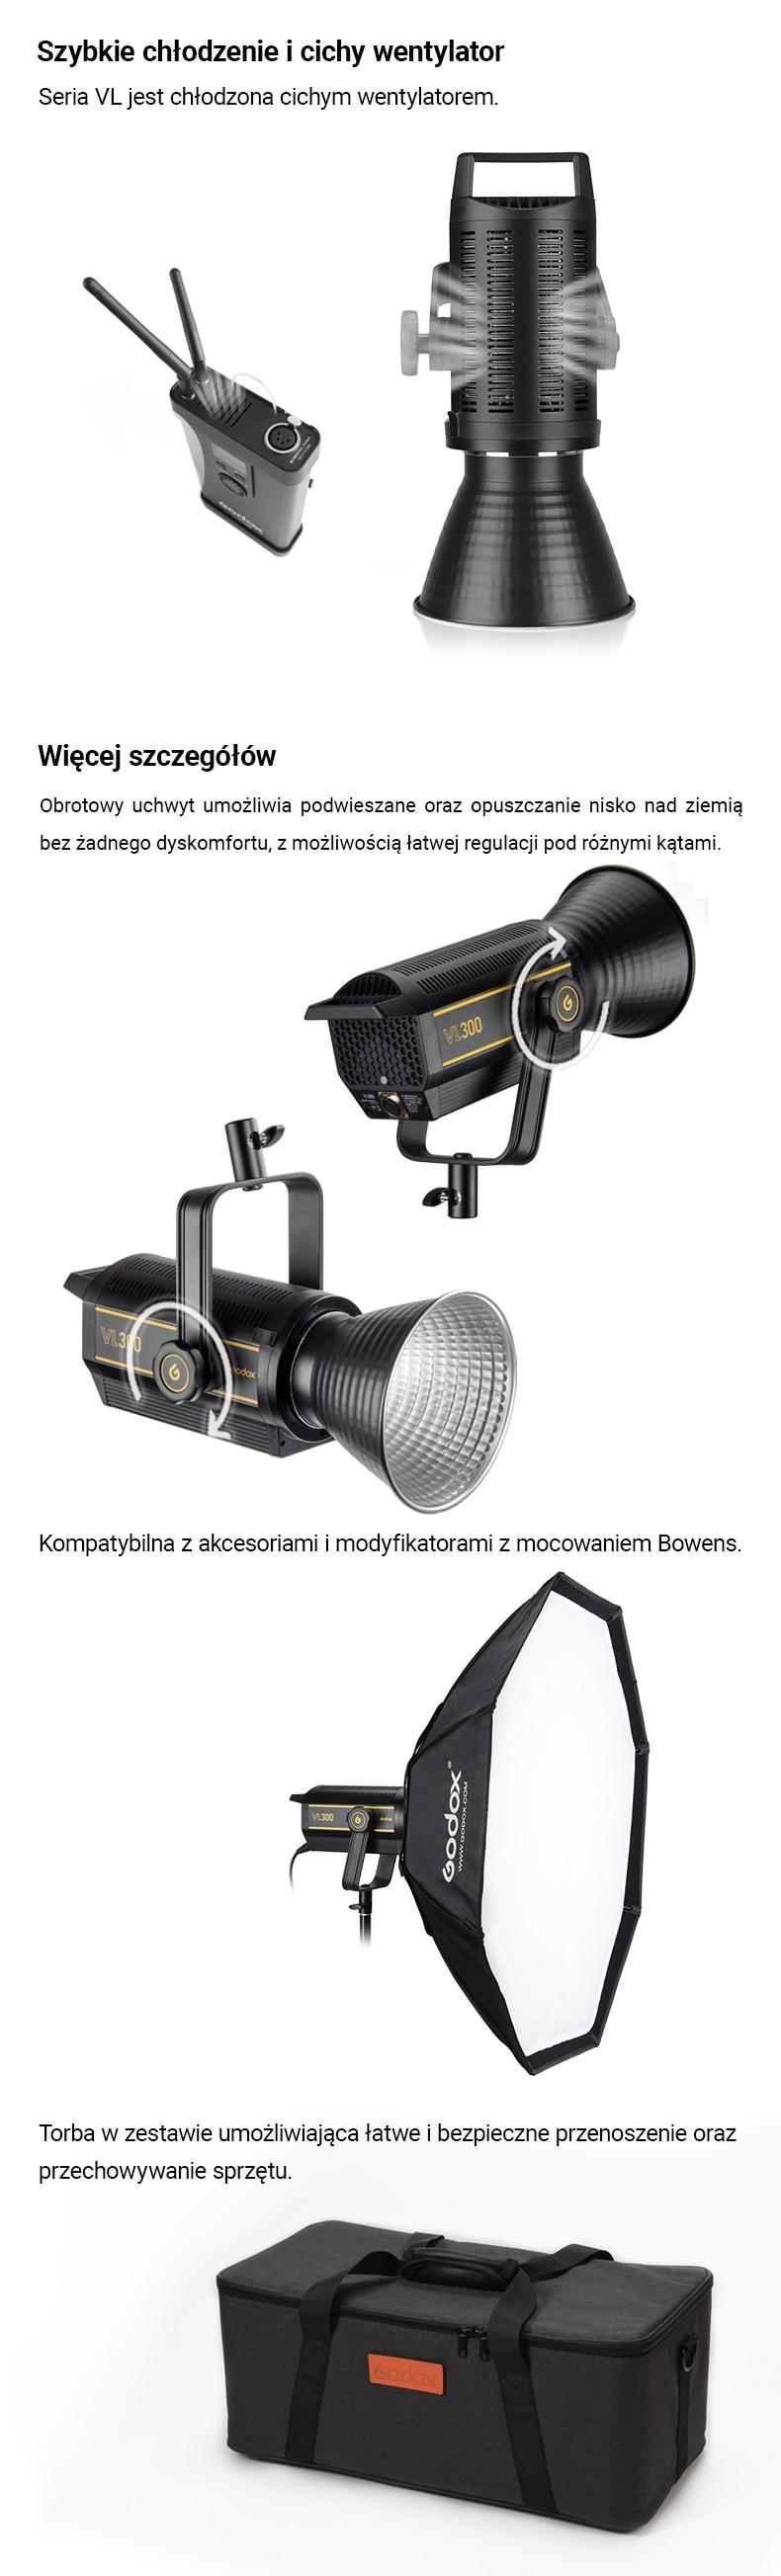 Godox VL150/200/300 Szybkie chłodzenie i cichy wentrylator. Więcej szczegółów: torba, akcesoria, montaż.